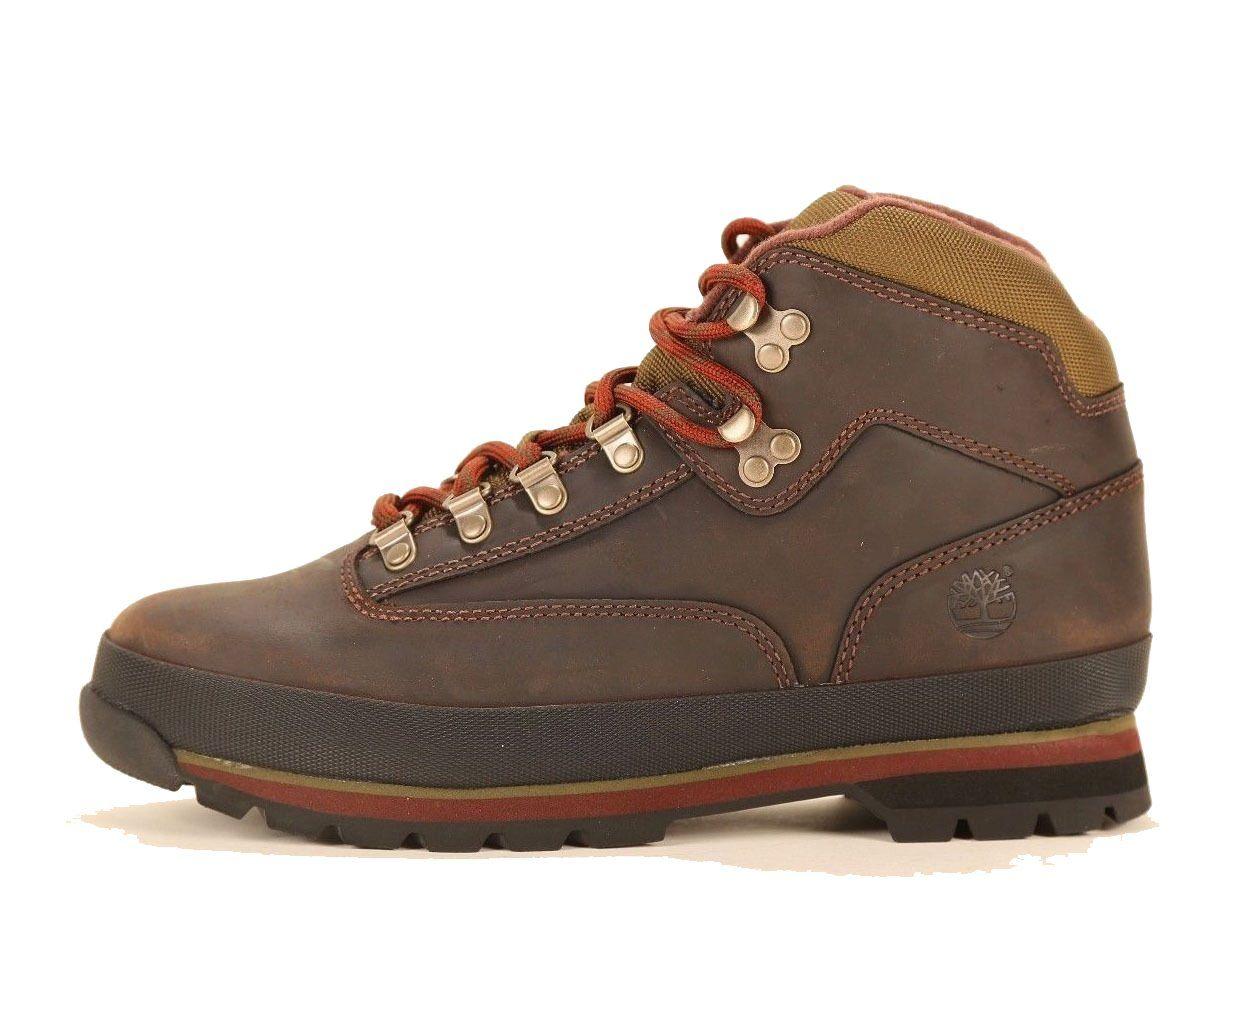 Mens Euro Hiker Boots (7)